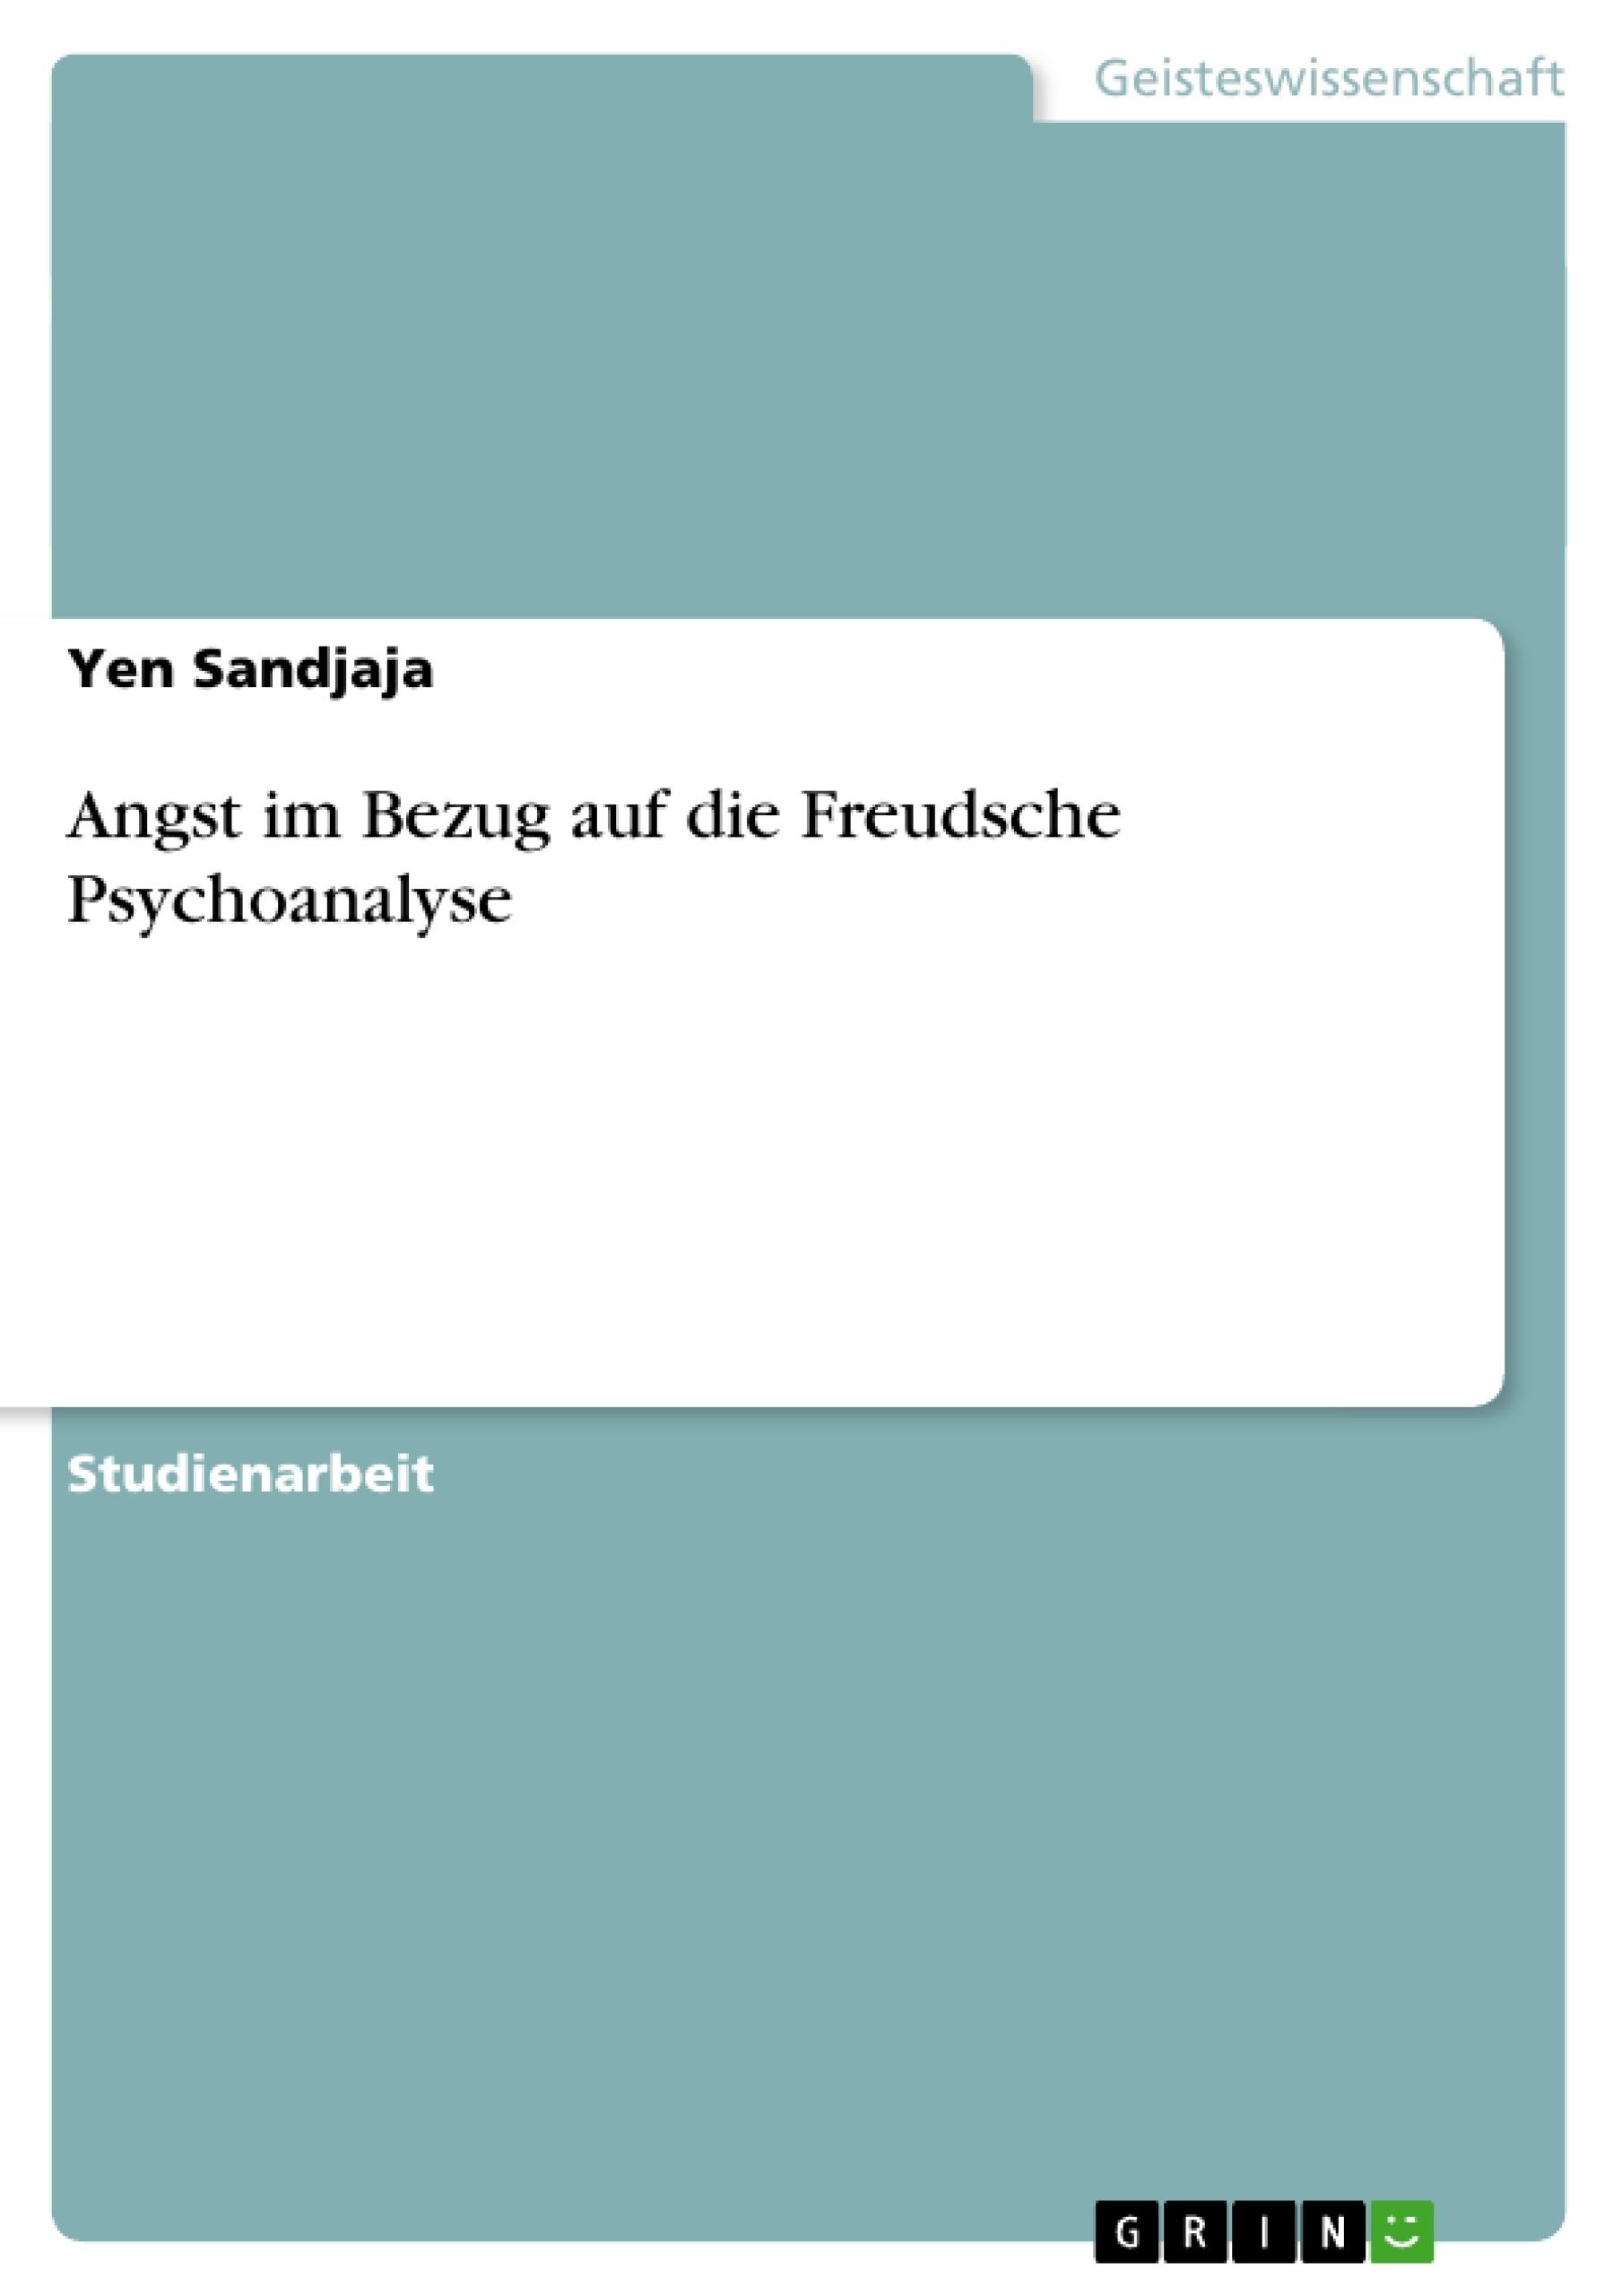 Titel: Angst im Bezug auf die Freudsche Psychoanalyse